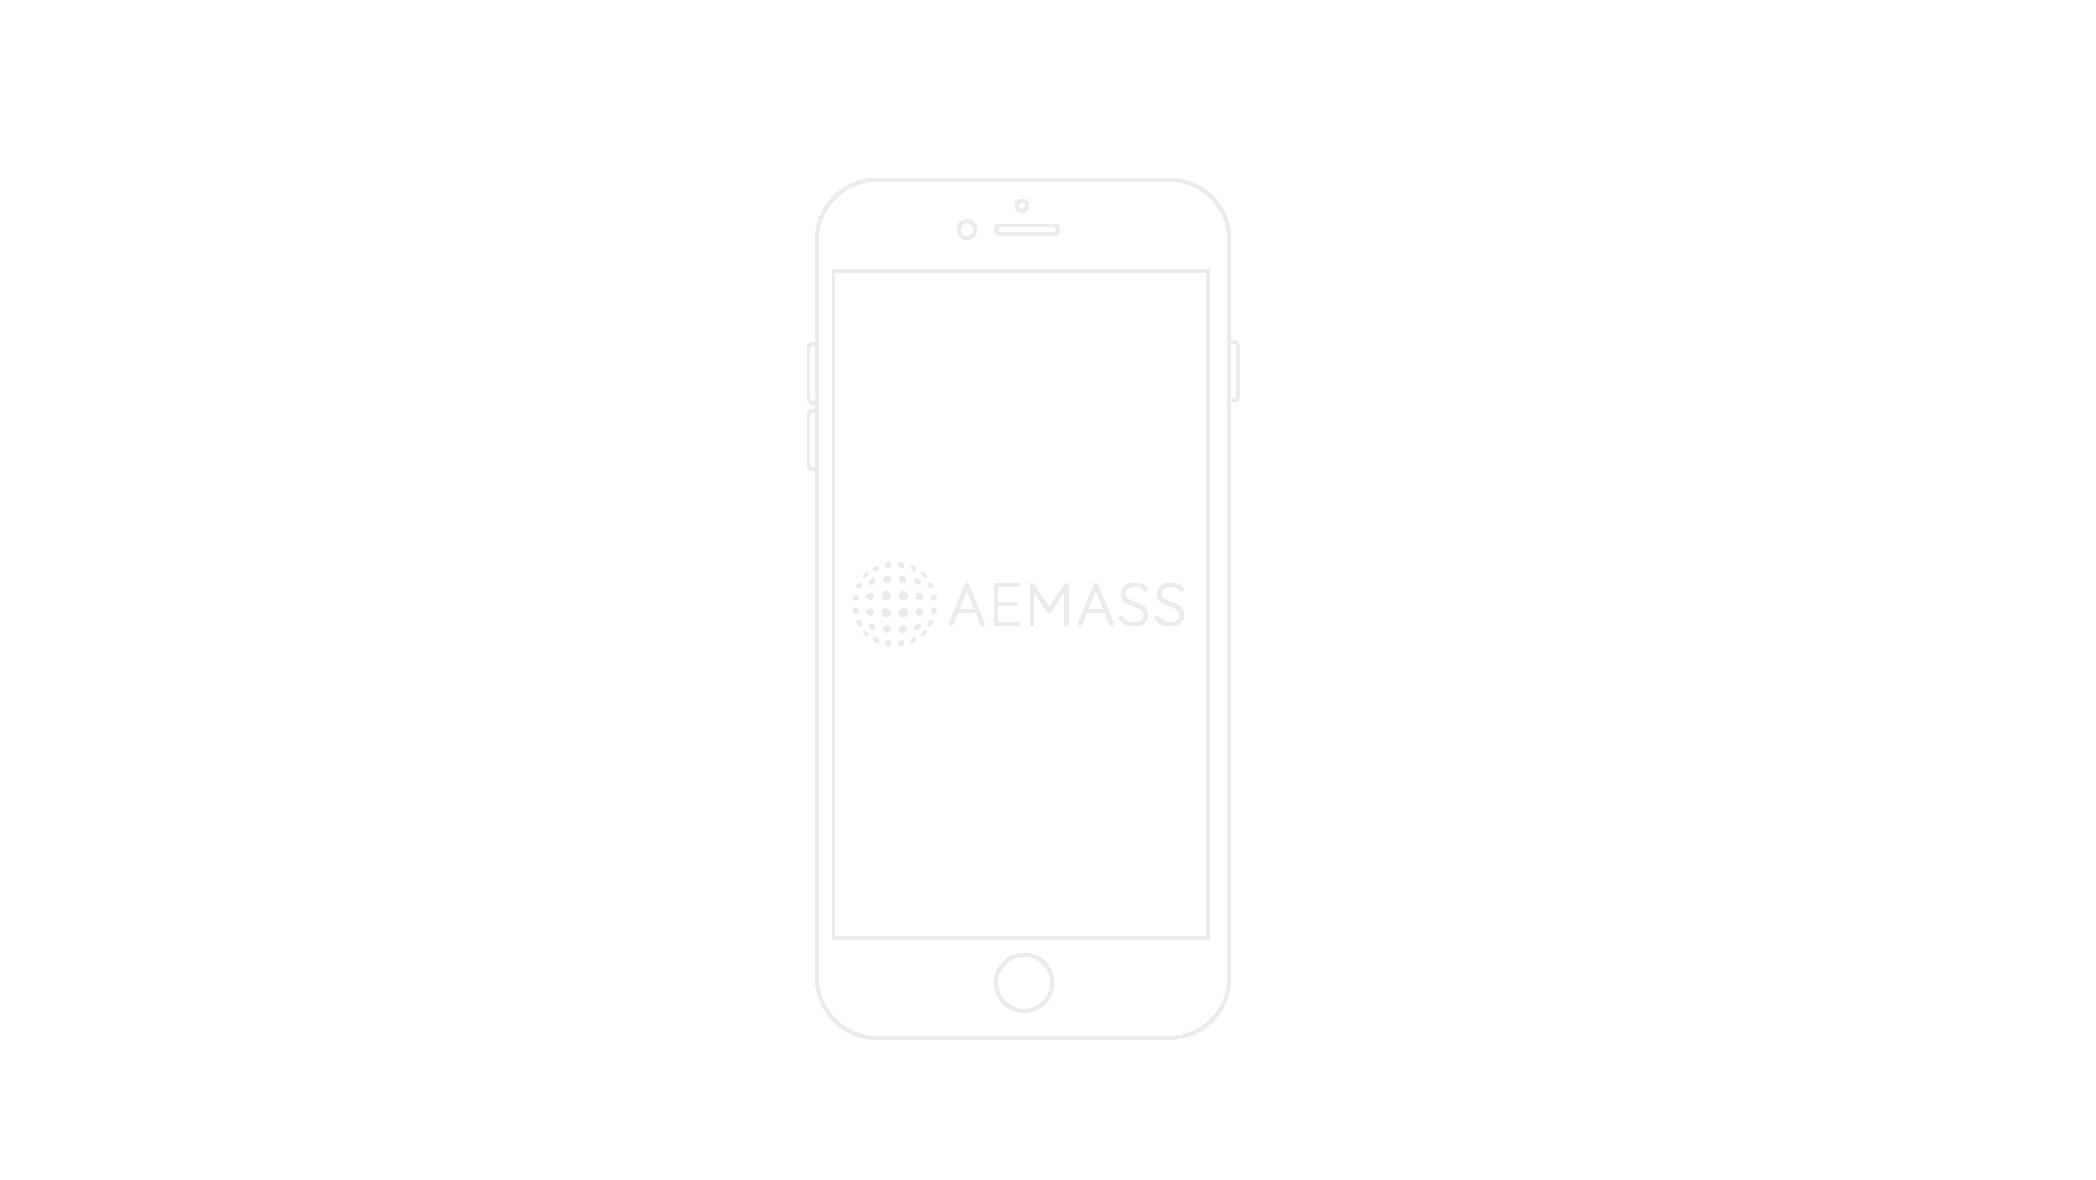 aemass-app-06.png